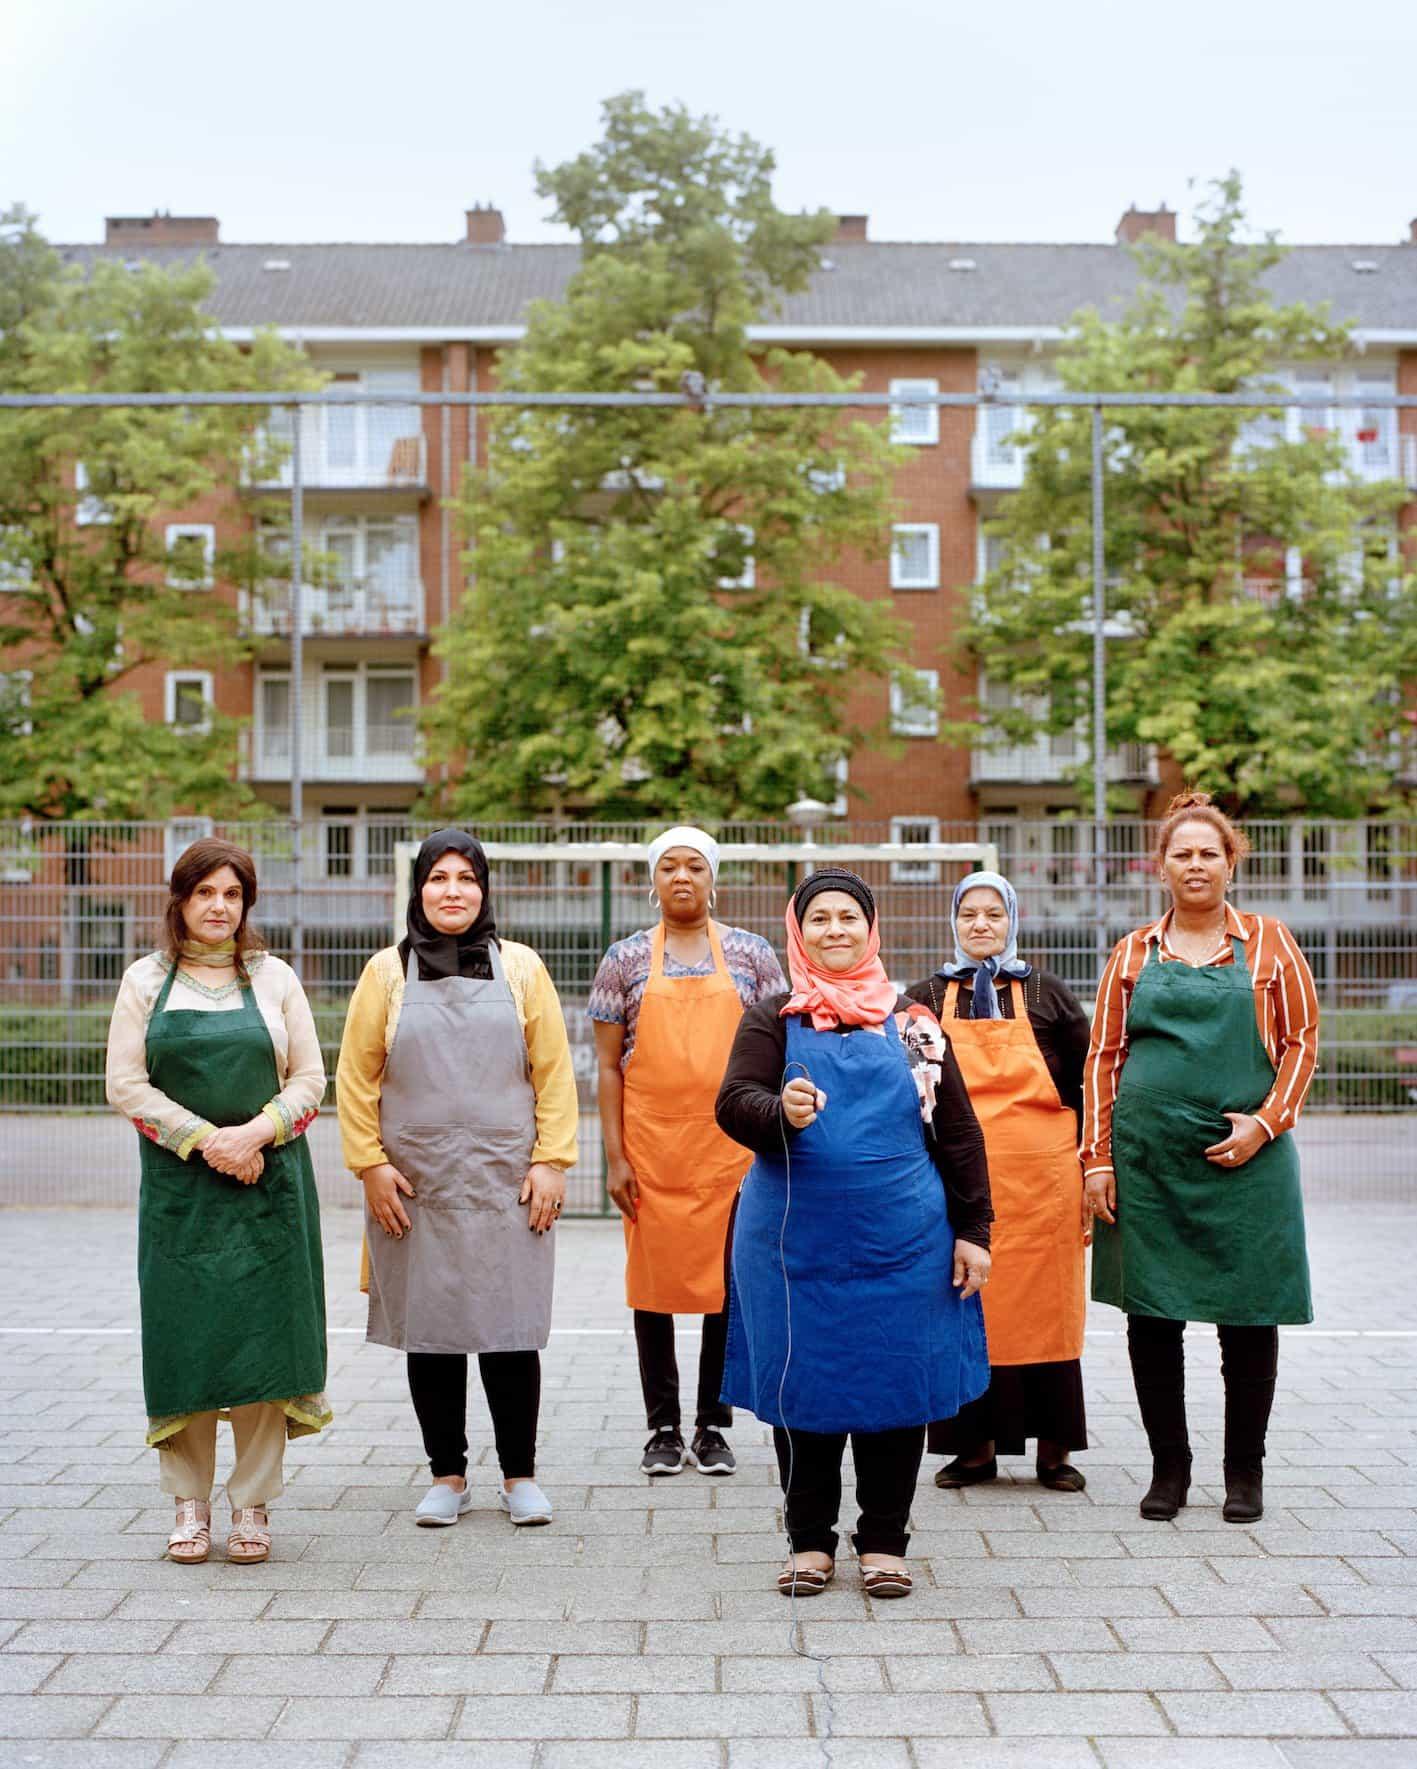 Un espectáculo de womxn, celebrando inspirar womxn, por W + K Amsterdam